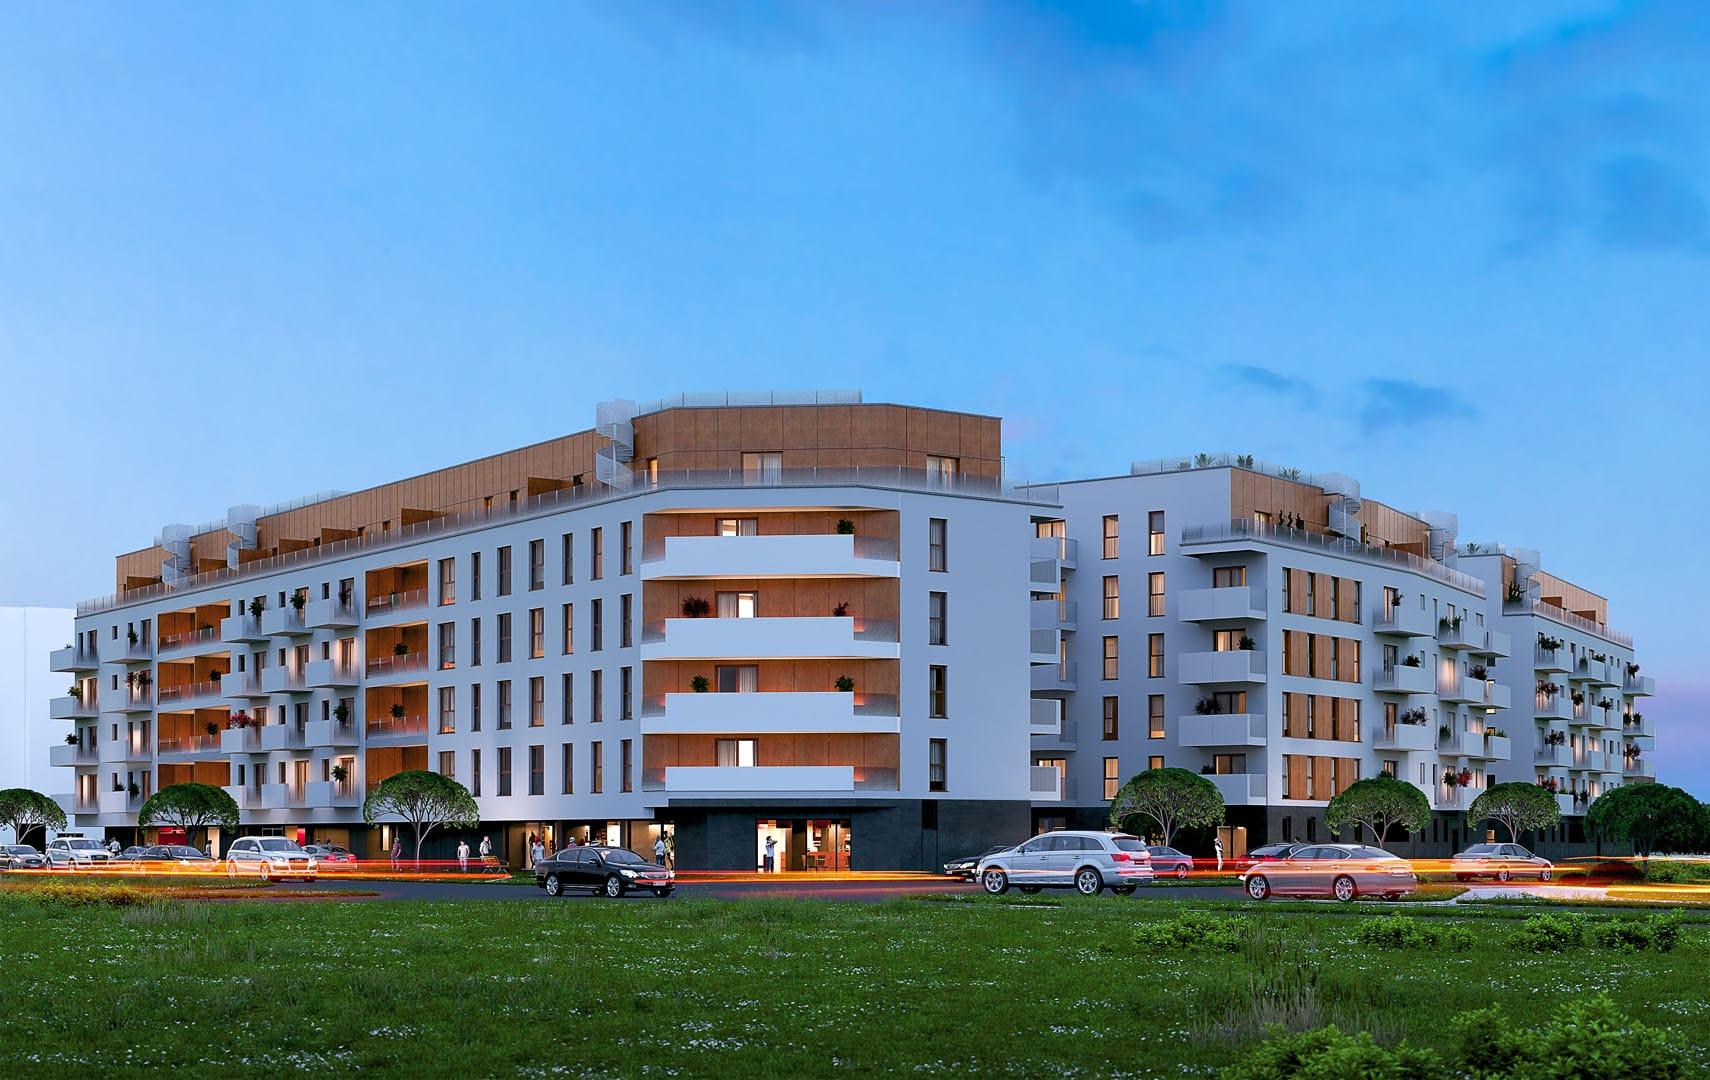 Soleil de Malta Budynek mieszkalny wielorodzinny Bouygues Immobilier Polska Poznań